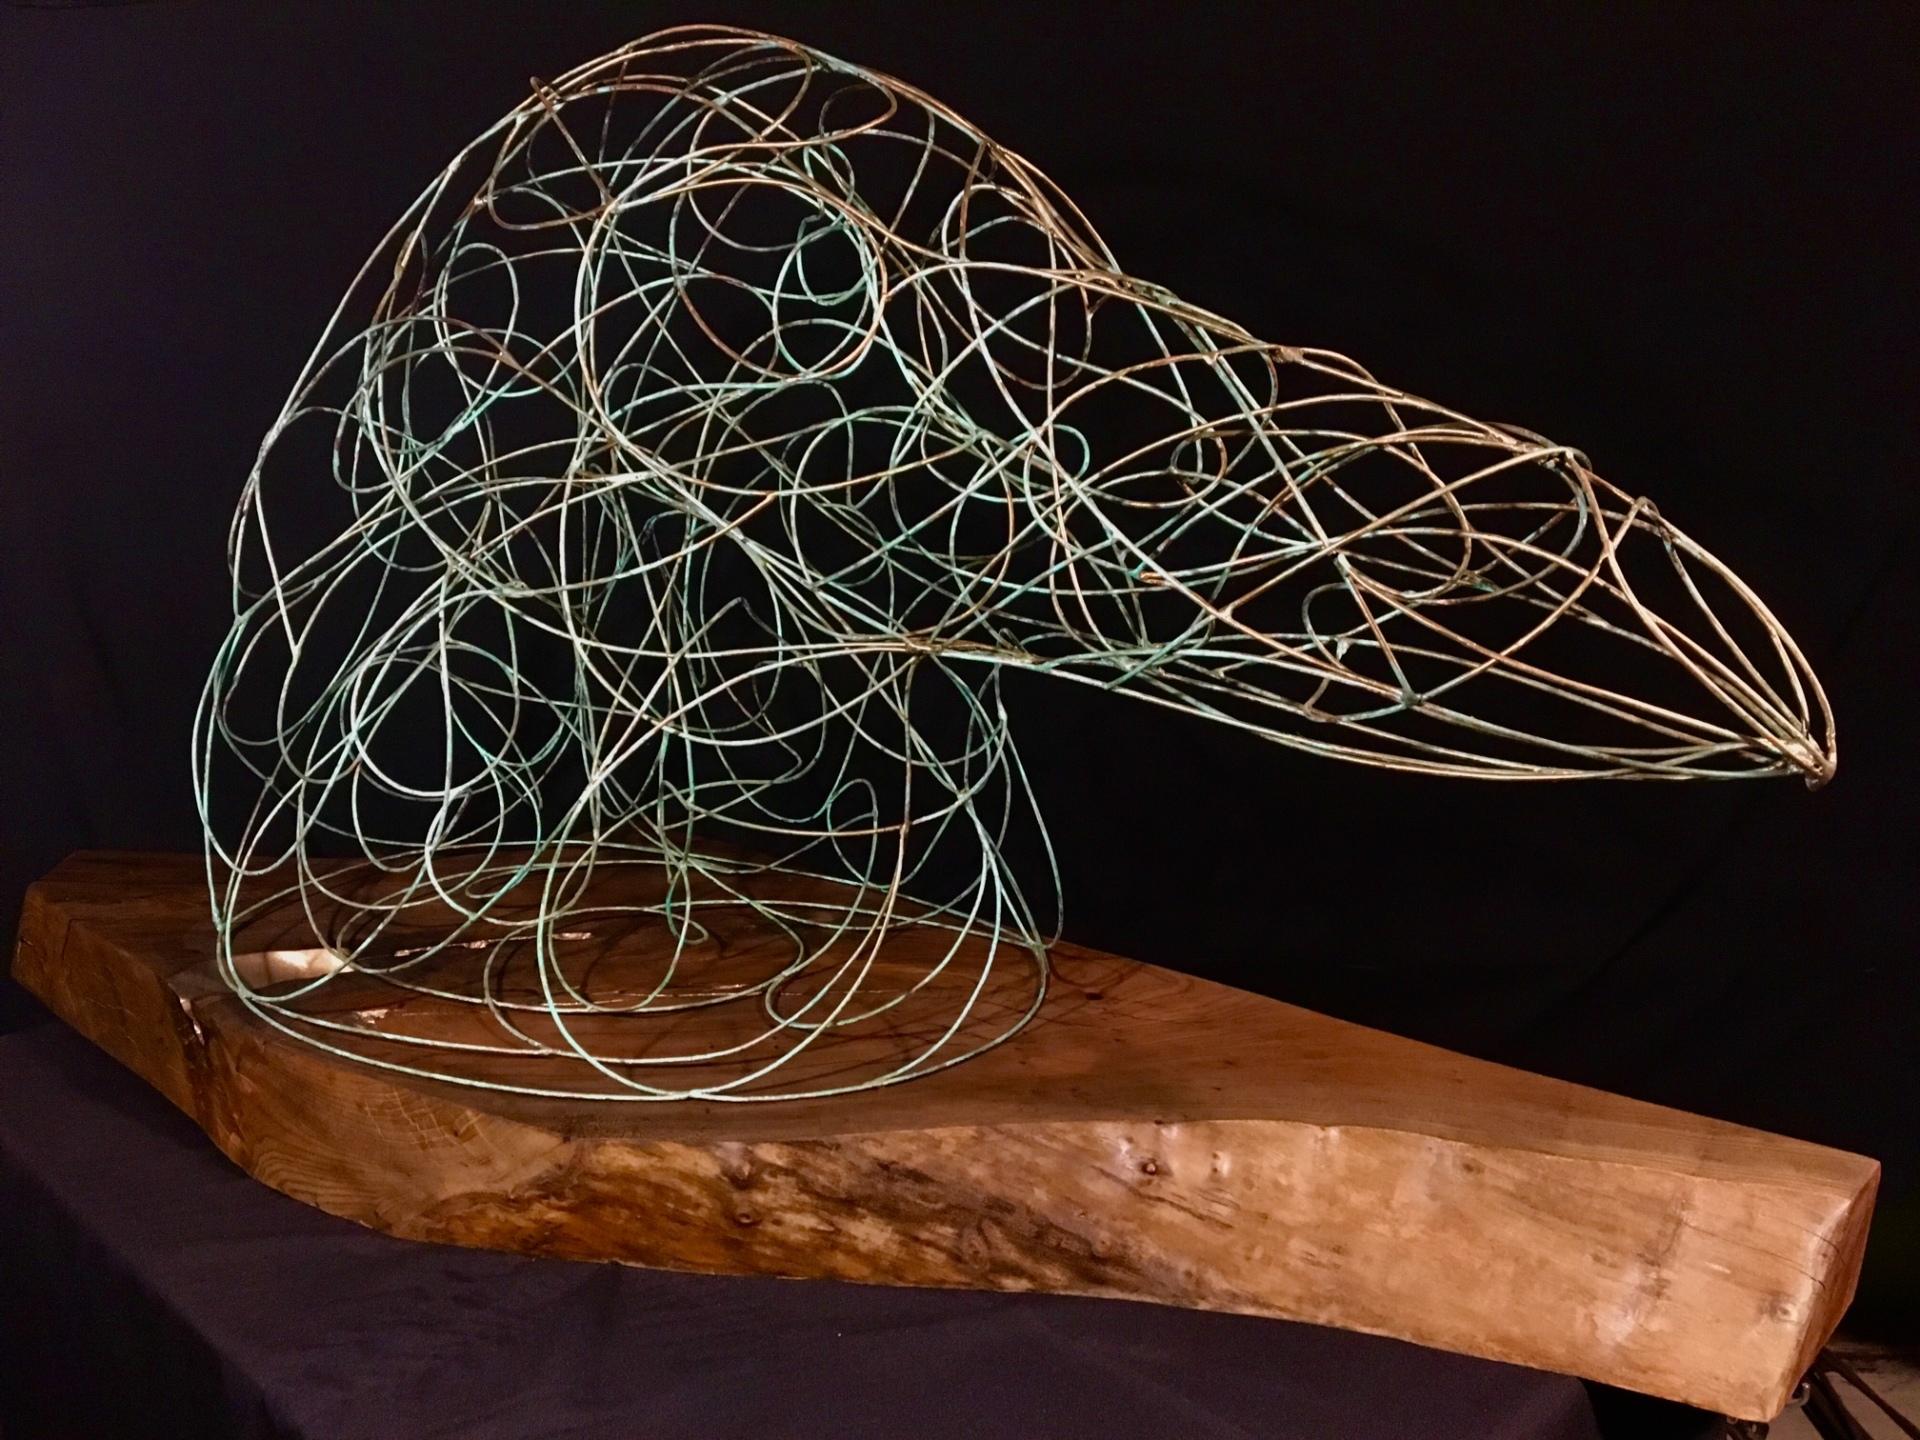 Raven sculpture, steel & black walnut by Rusty Croft